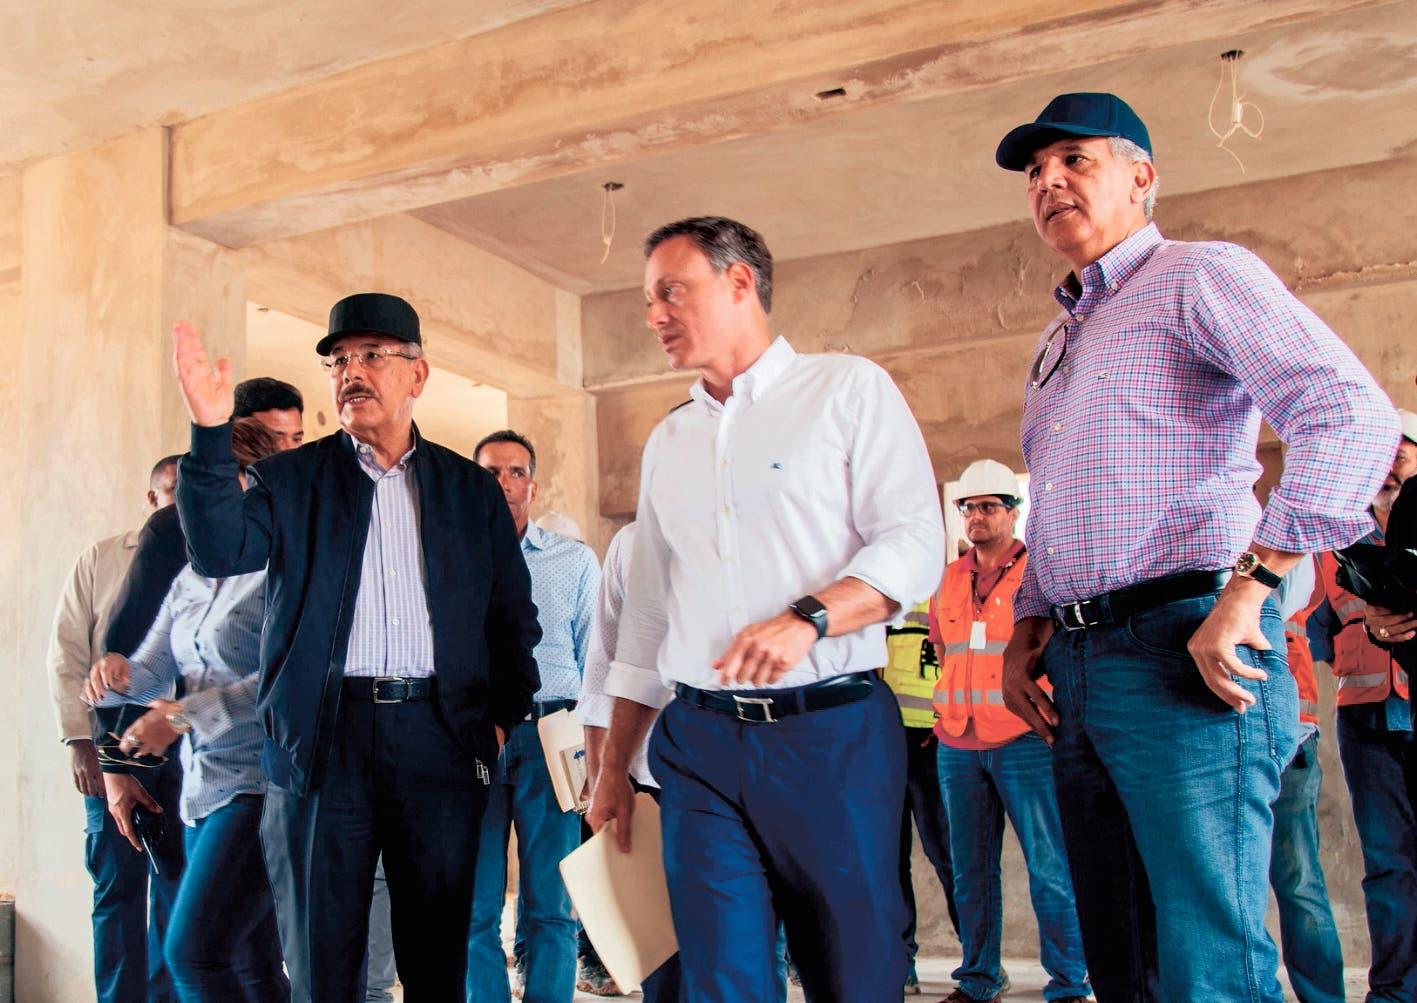 En Visita Sorpresa: Danilo Medina constata avances construcción Nueva Victoria, reducirá delincuencia y terminará con hacinamiento.  Hoy/Fuente Externa 25/8/19